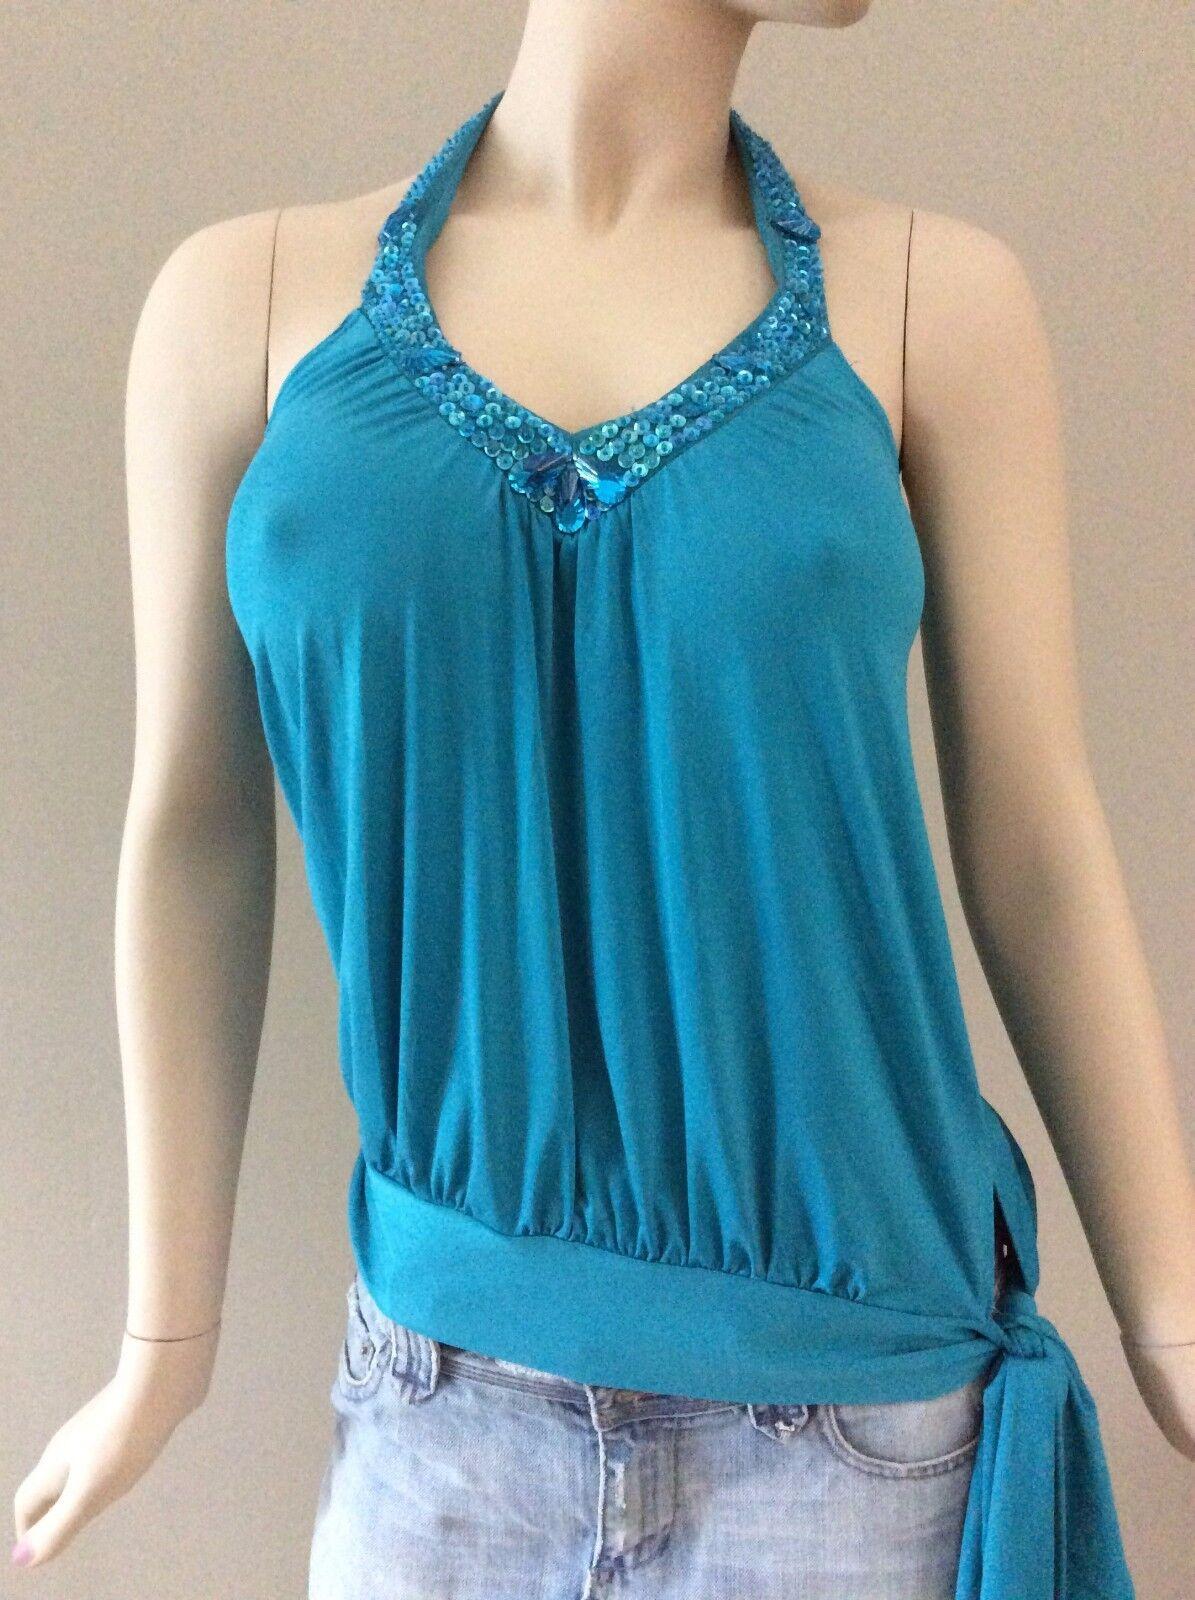 Arden B. Turquoise Blau Beaded Neckline Halter Top Größe S